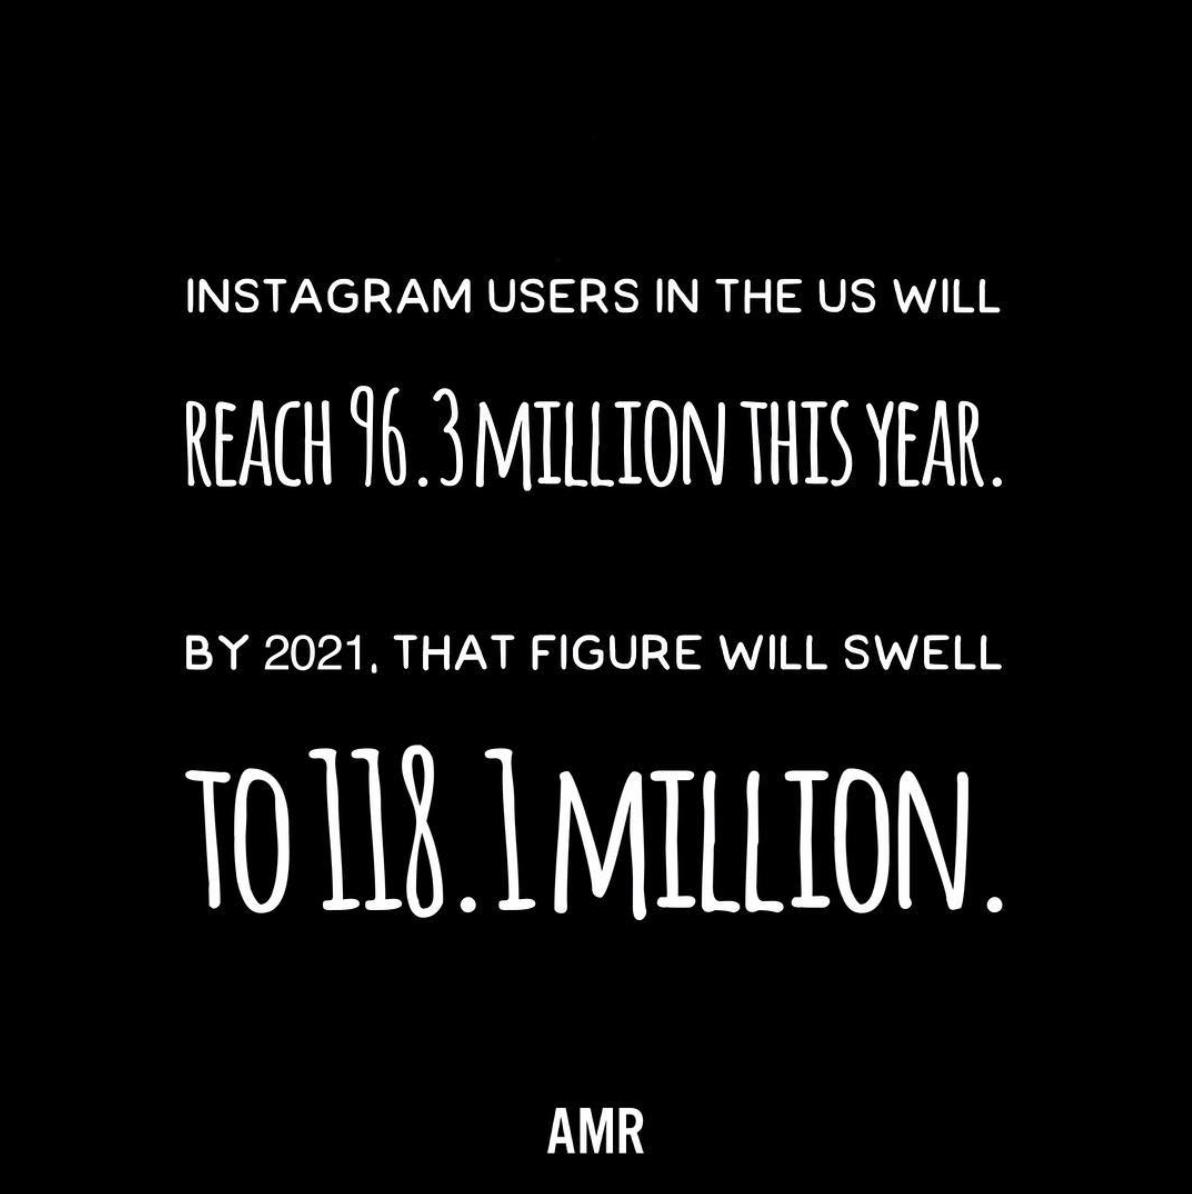 AMR Digital Marketing Social Media quotes